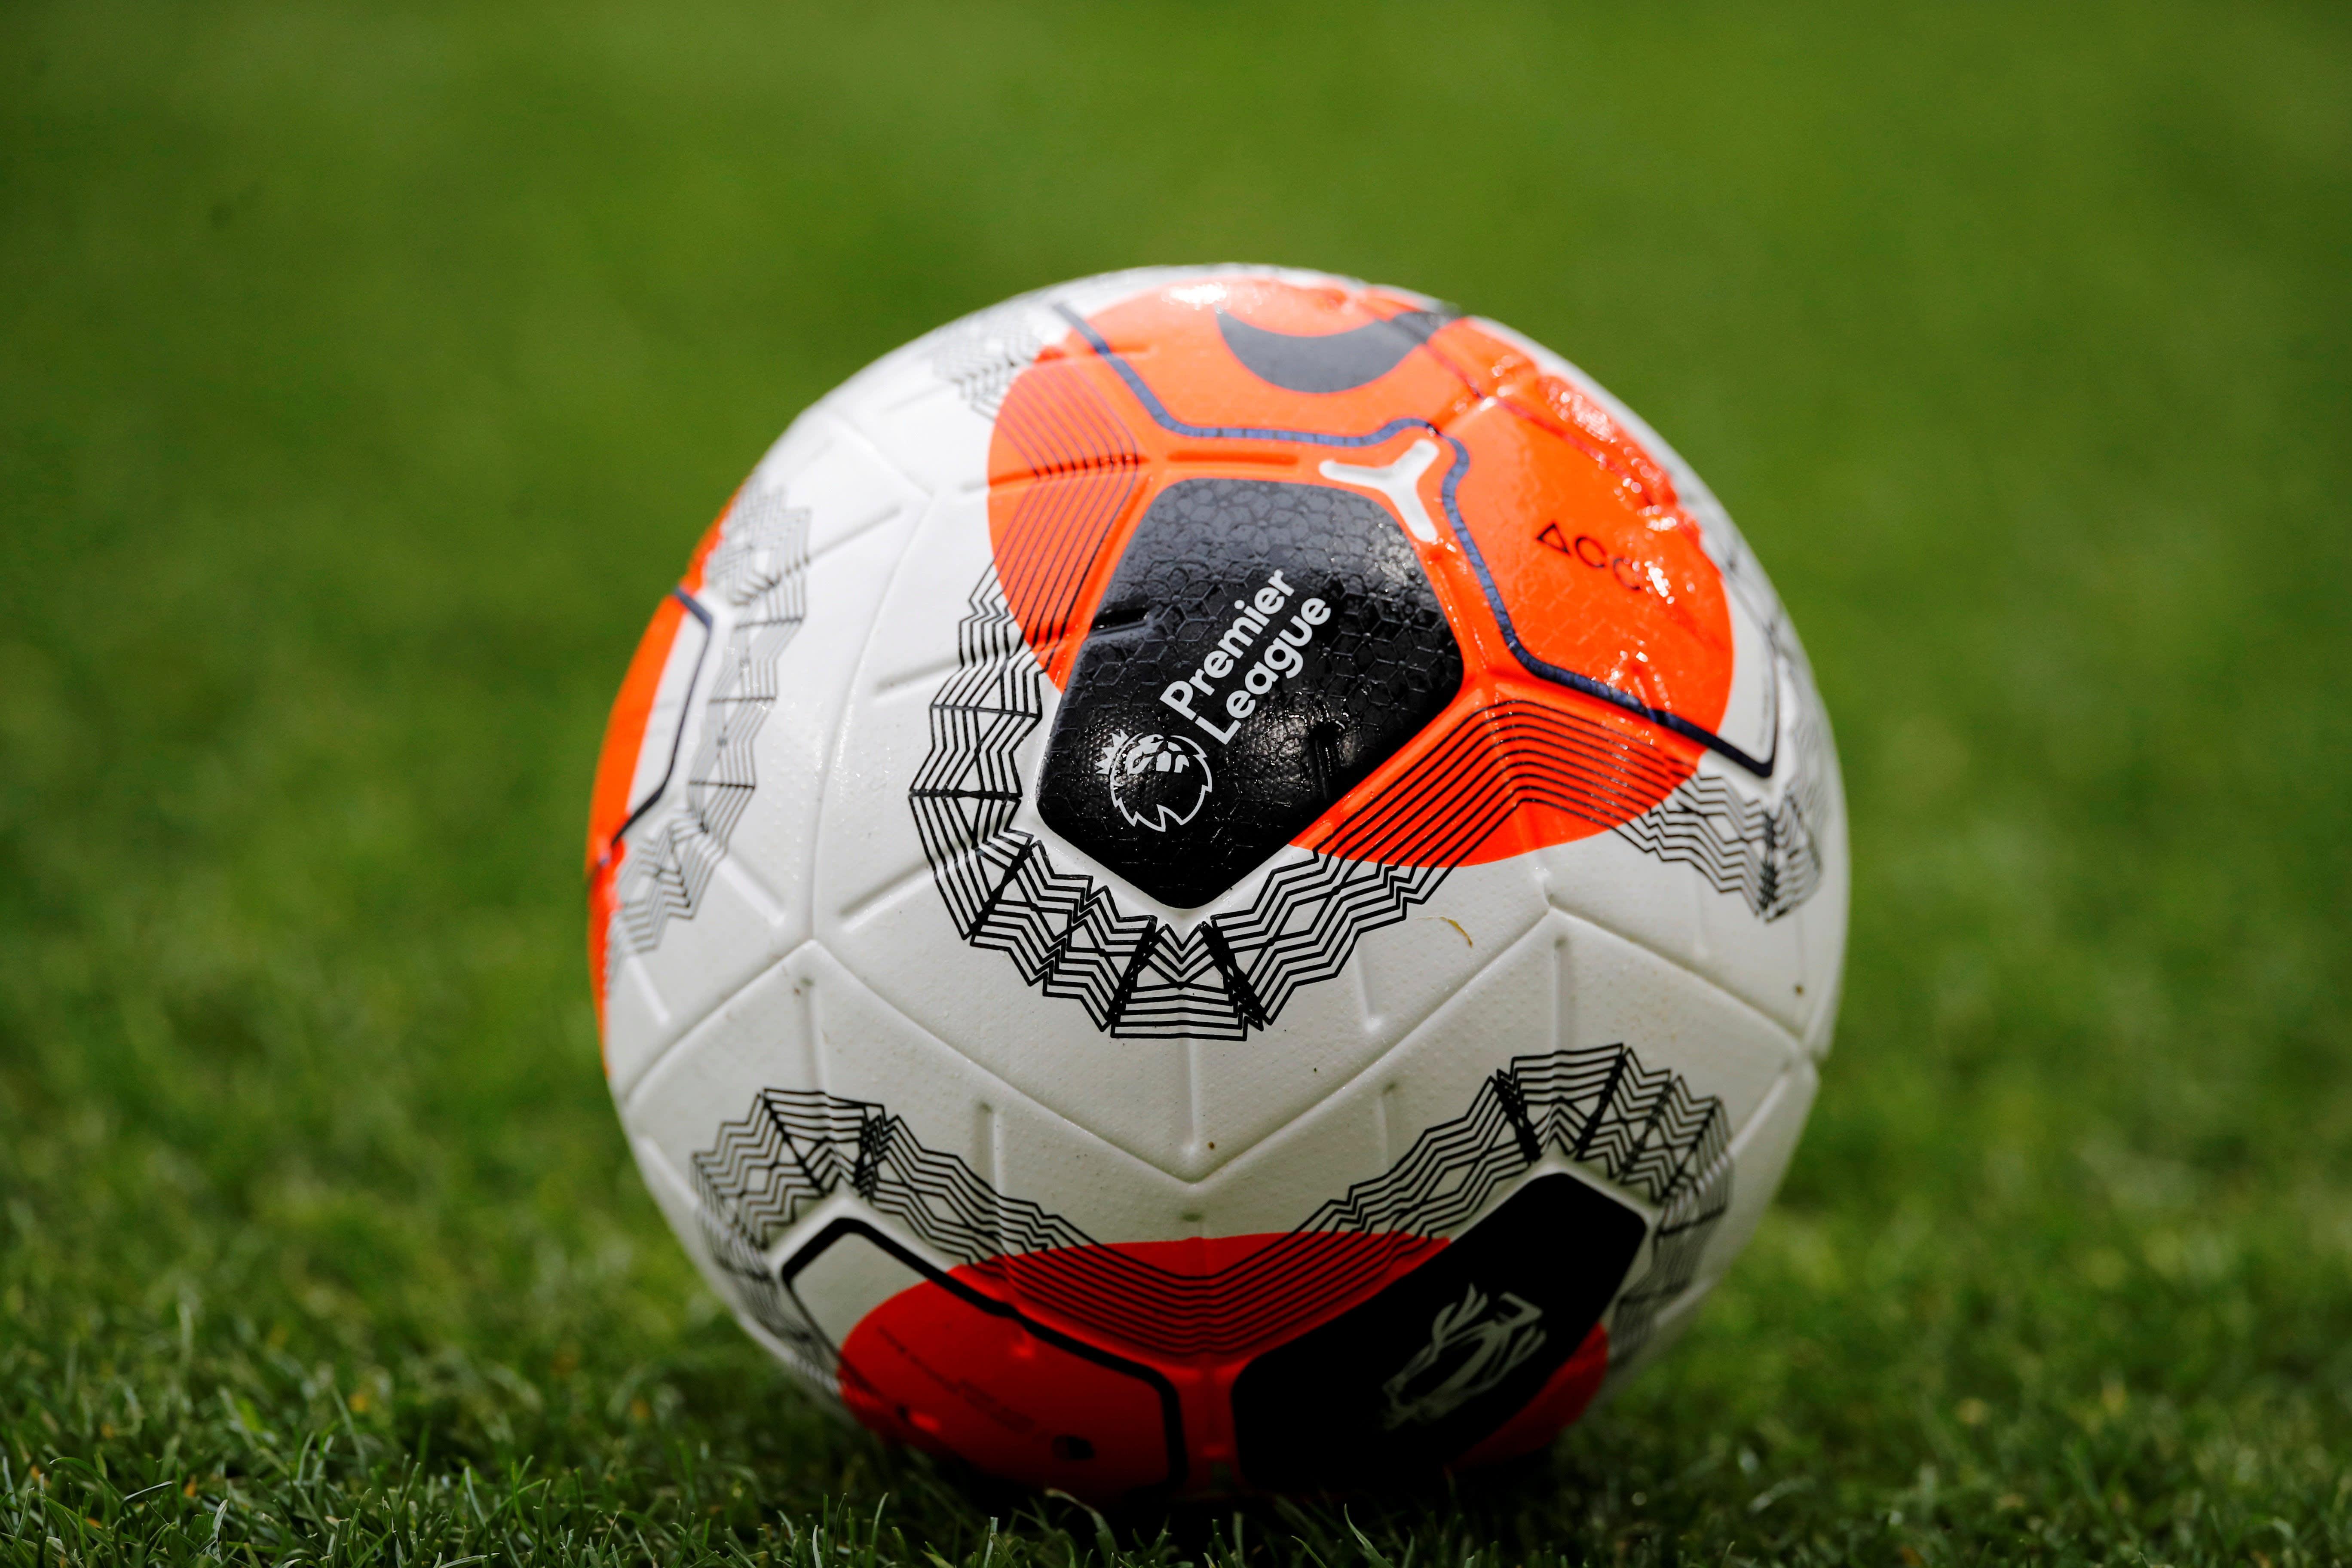 Tilney hires former pro footballer to drive sports service